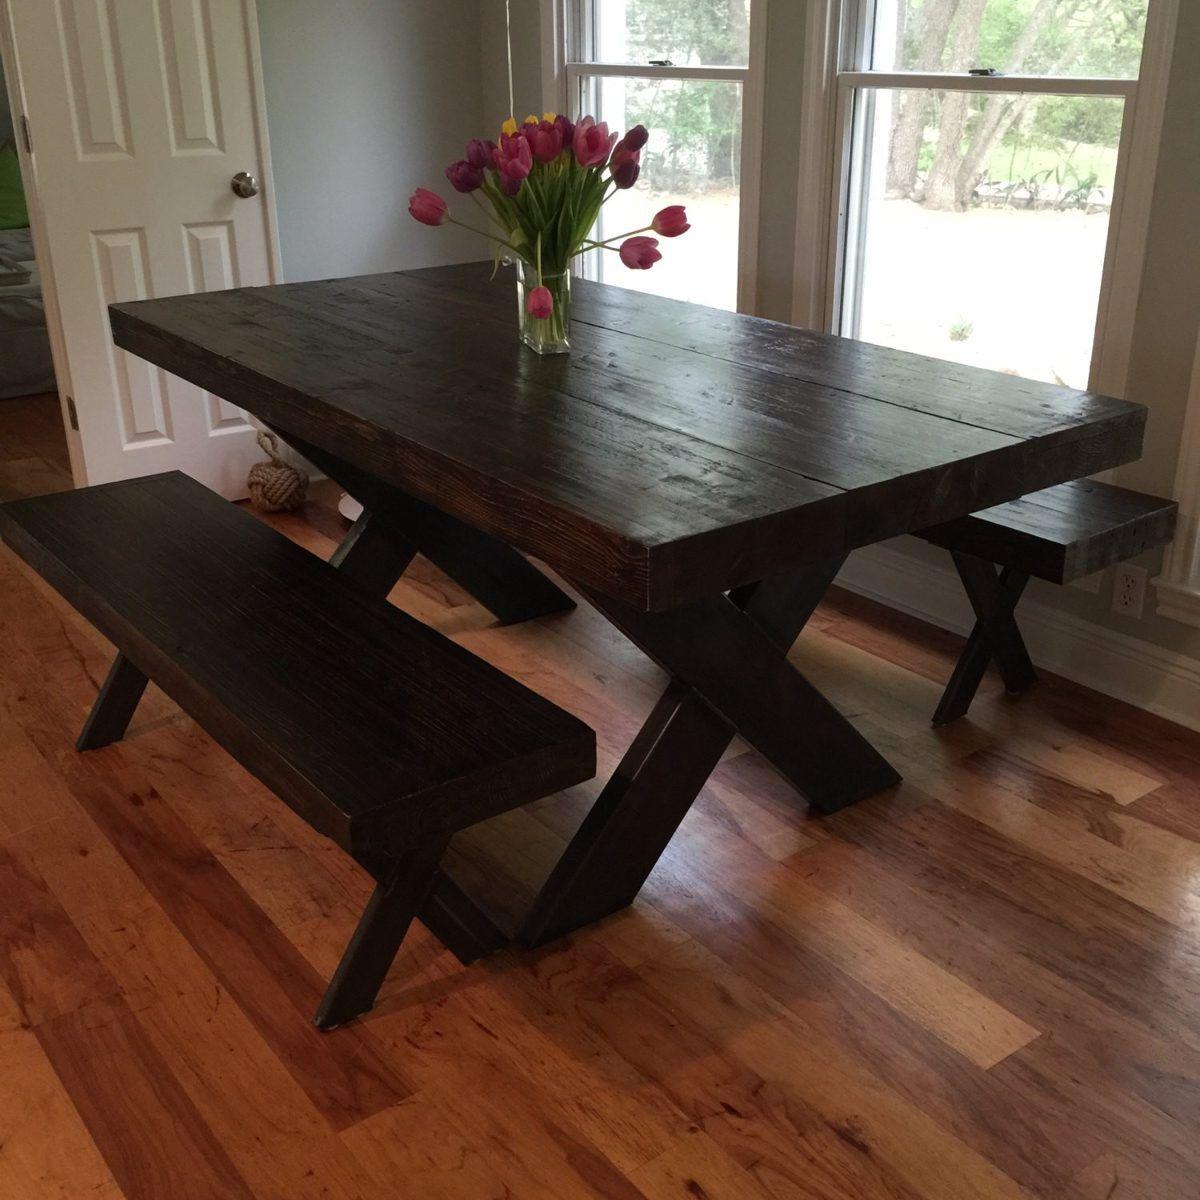 Banco p mesa comedor estilo industrial hierro palets - Mesas estilo industrial baratas ...